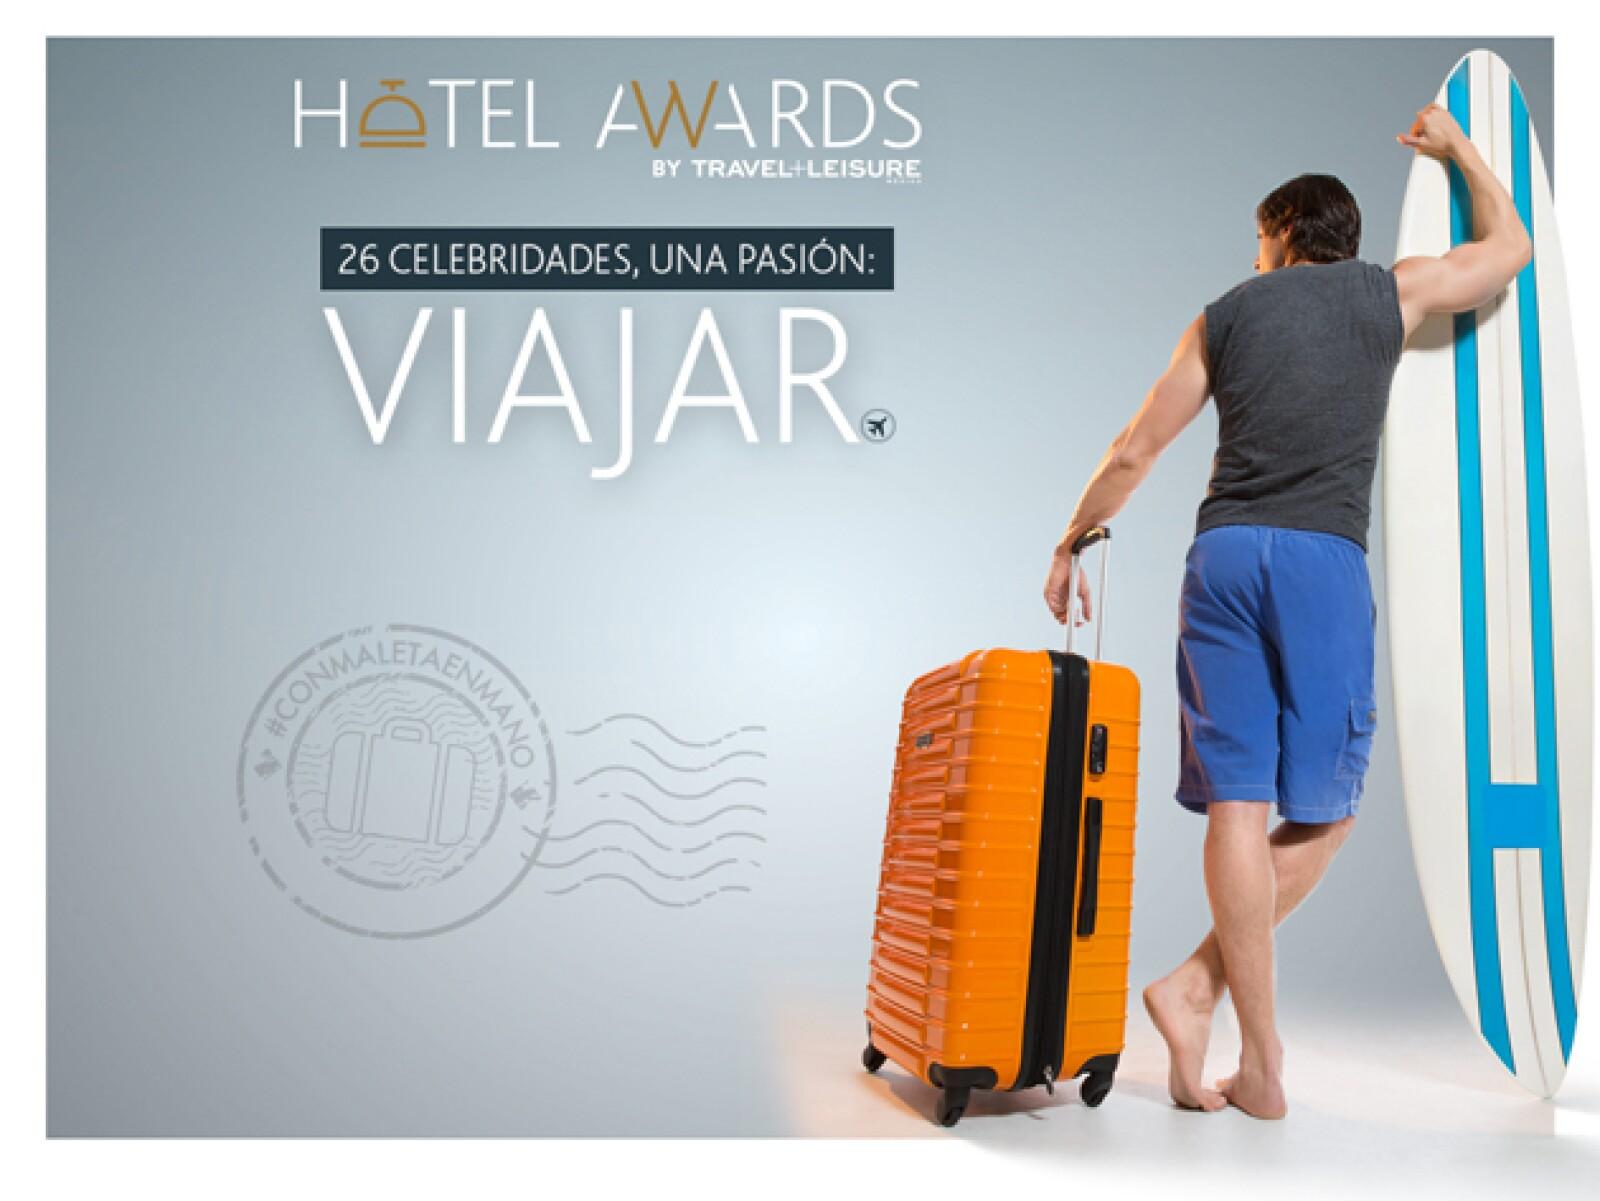 ¿Te animarías a tomar unas clases con este actor mexicano? Hotel Awards te espera con grandes sorpresas. #ConMaletaEnMano